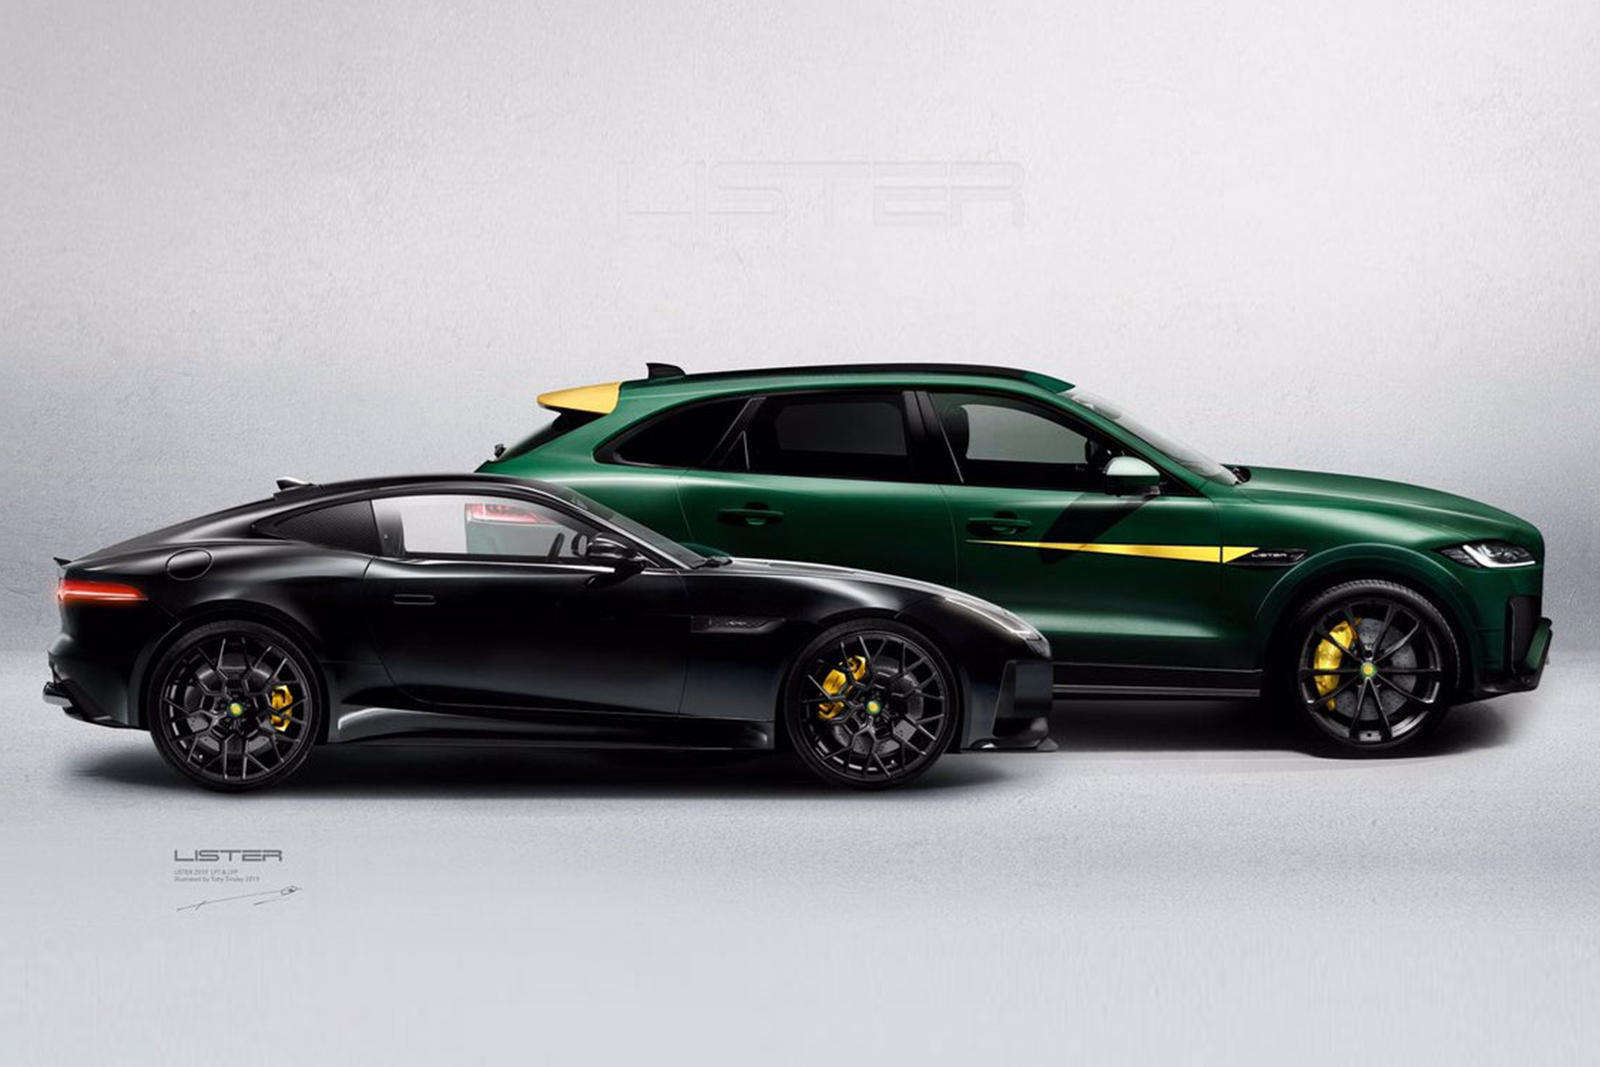 В новом десятилетиии английской компании Lister Motor Company еще предстоит сделать свой гиперкар Storm II реальностью.